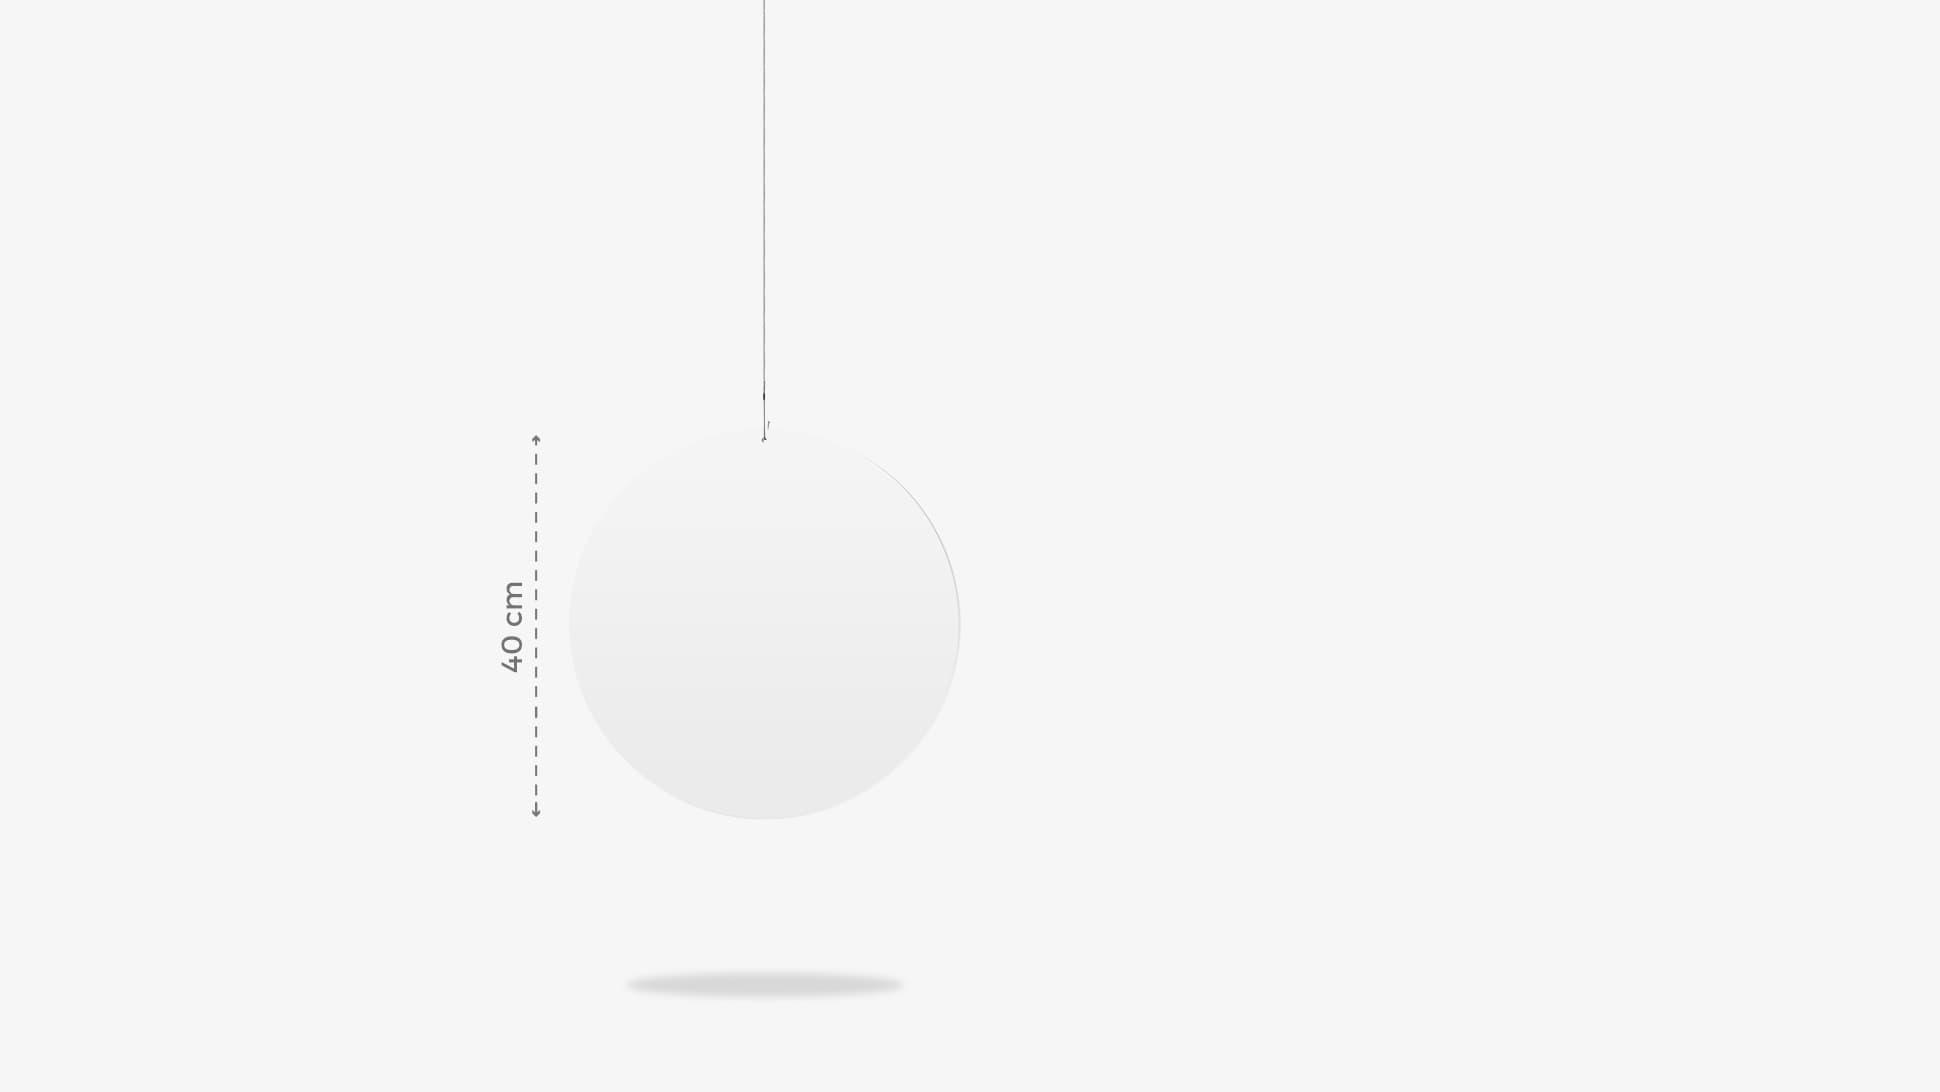 Rotair piccolo con grafica personalizzabile | tictac.it